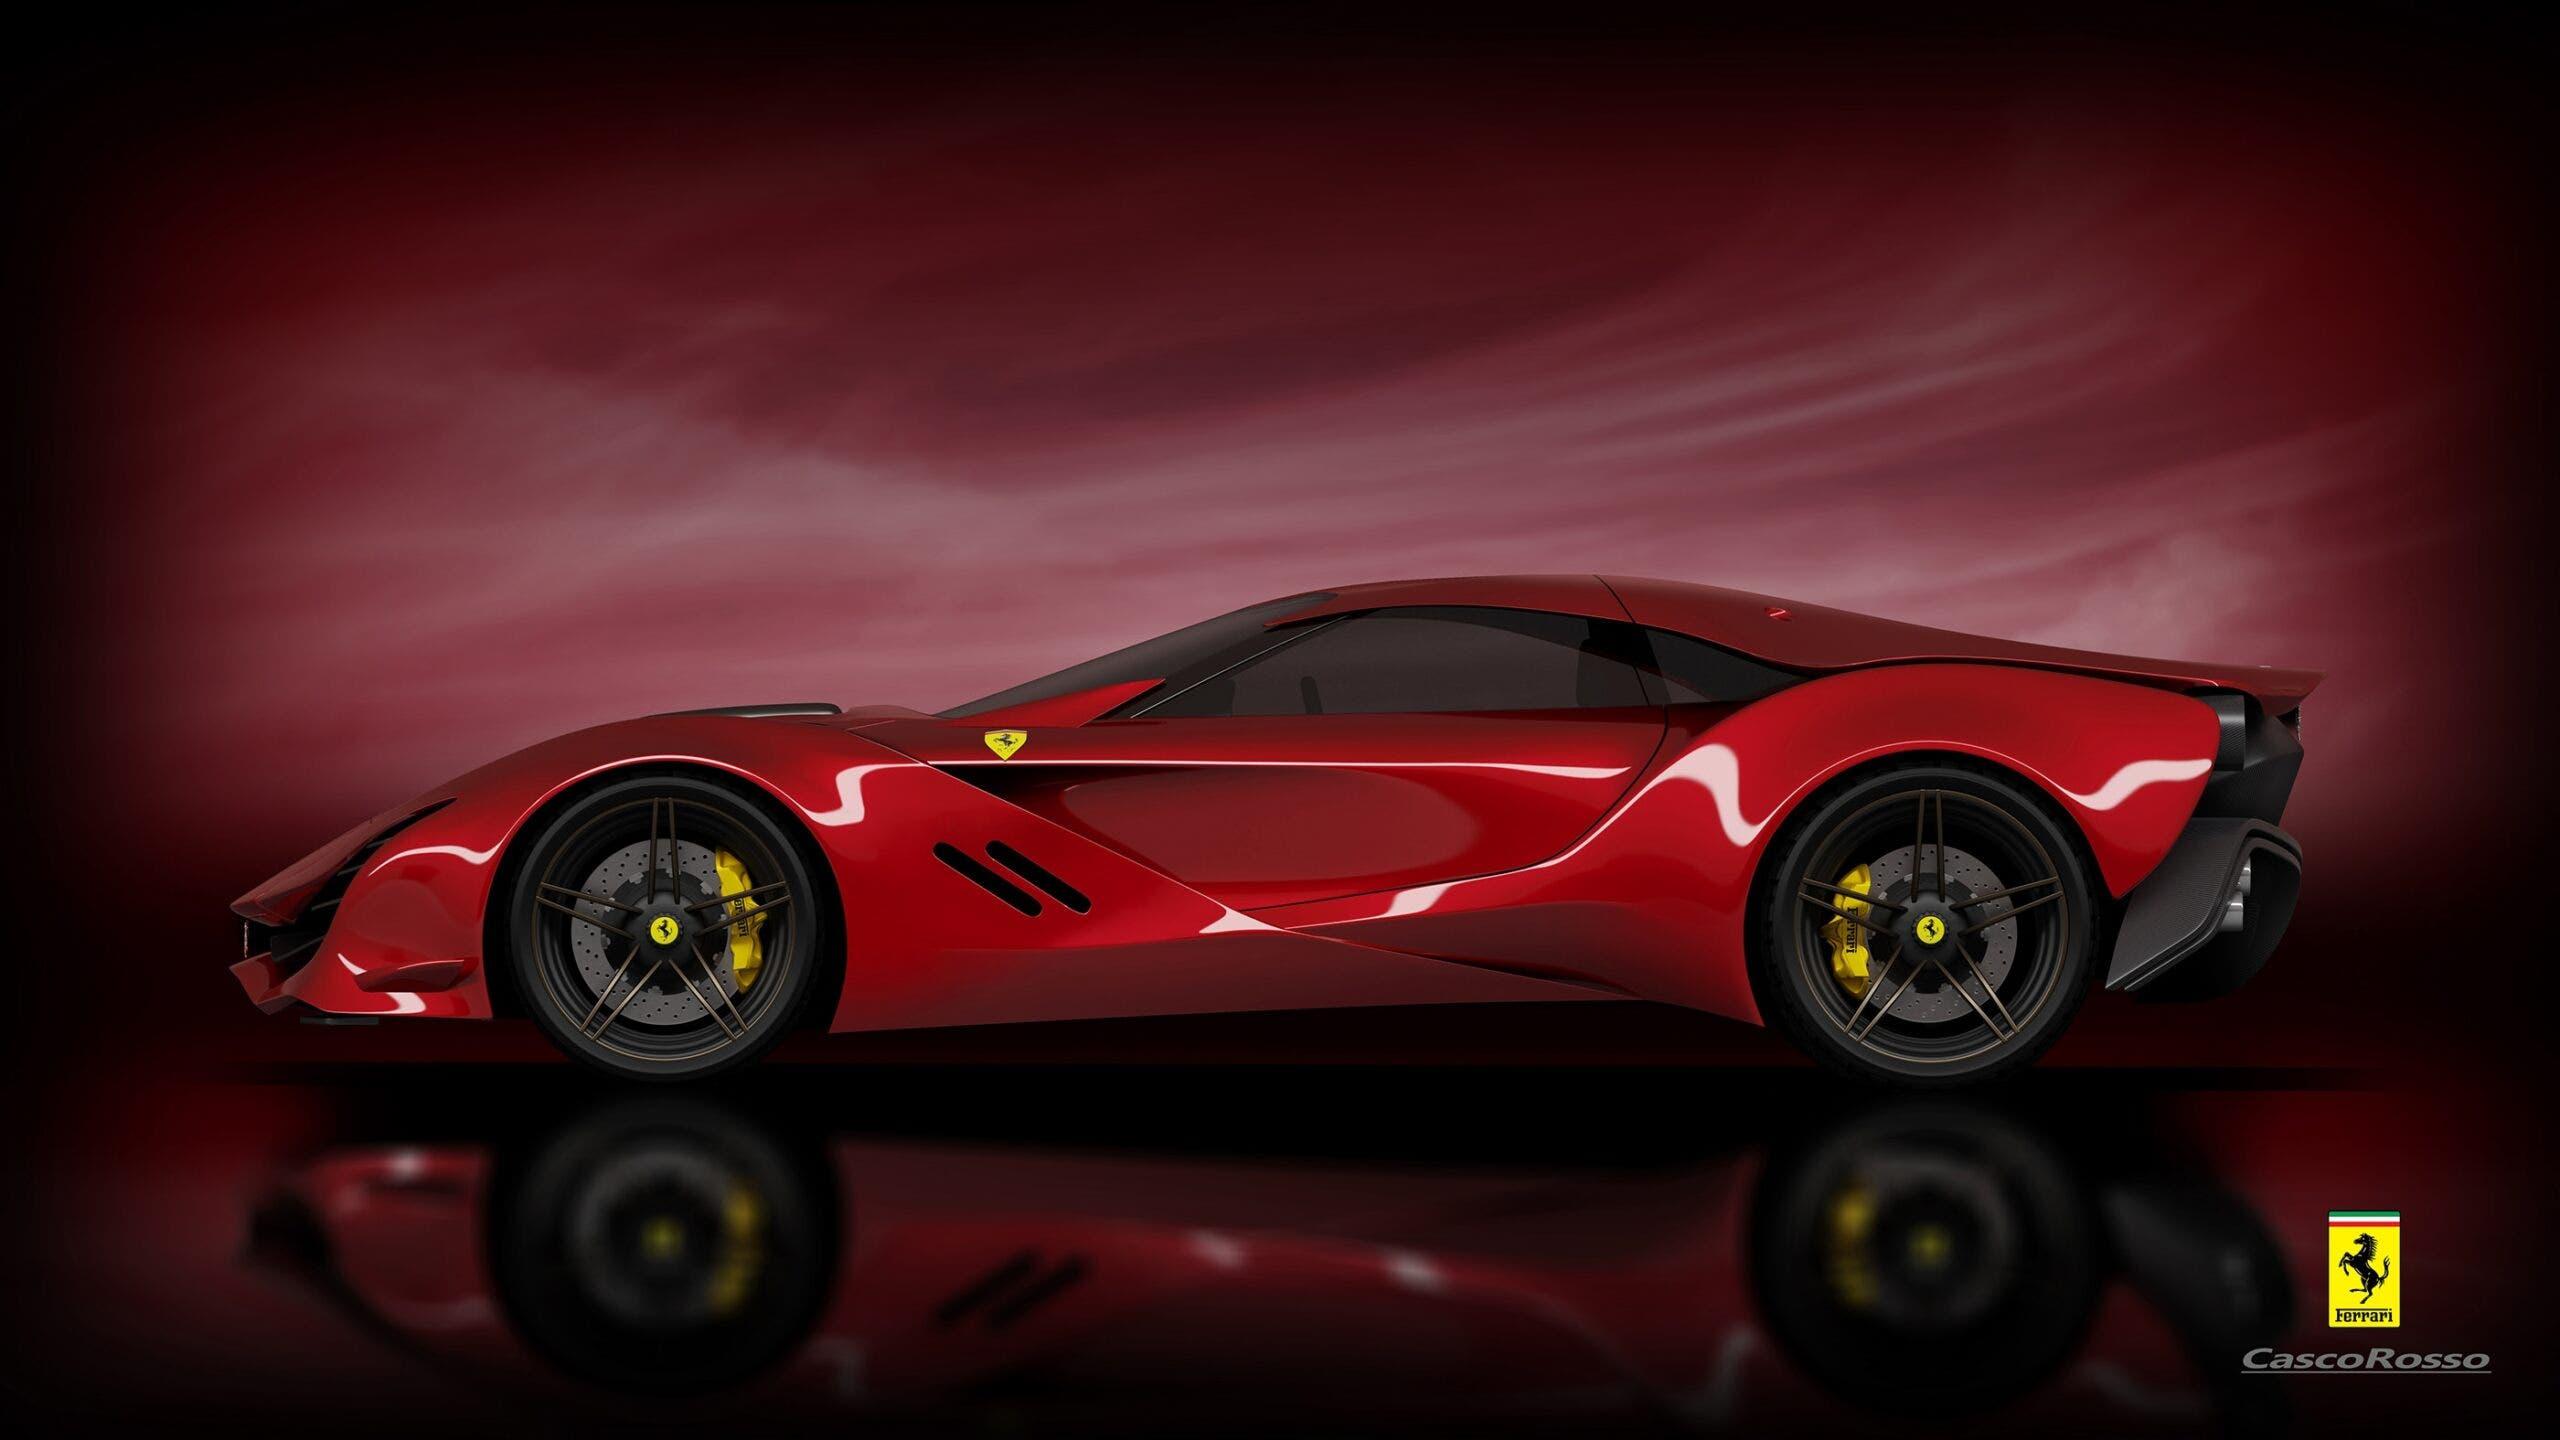 Ferrari CascoRosso concept